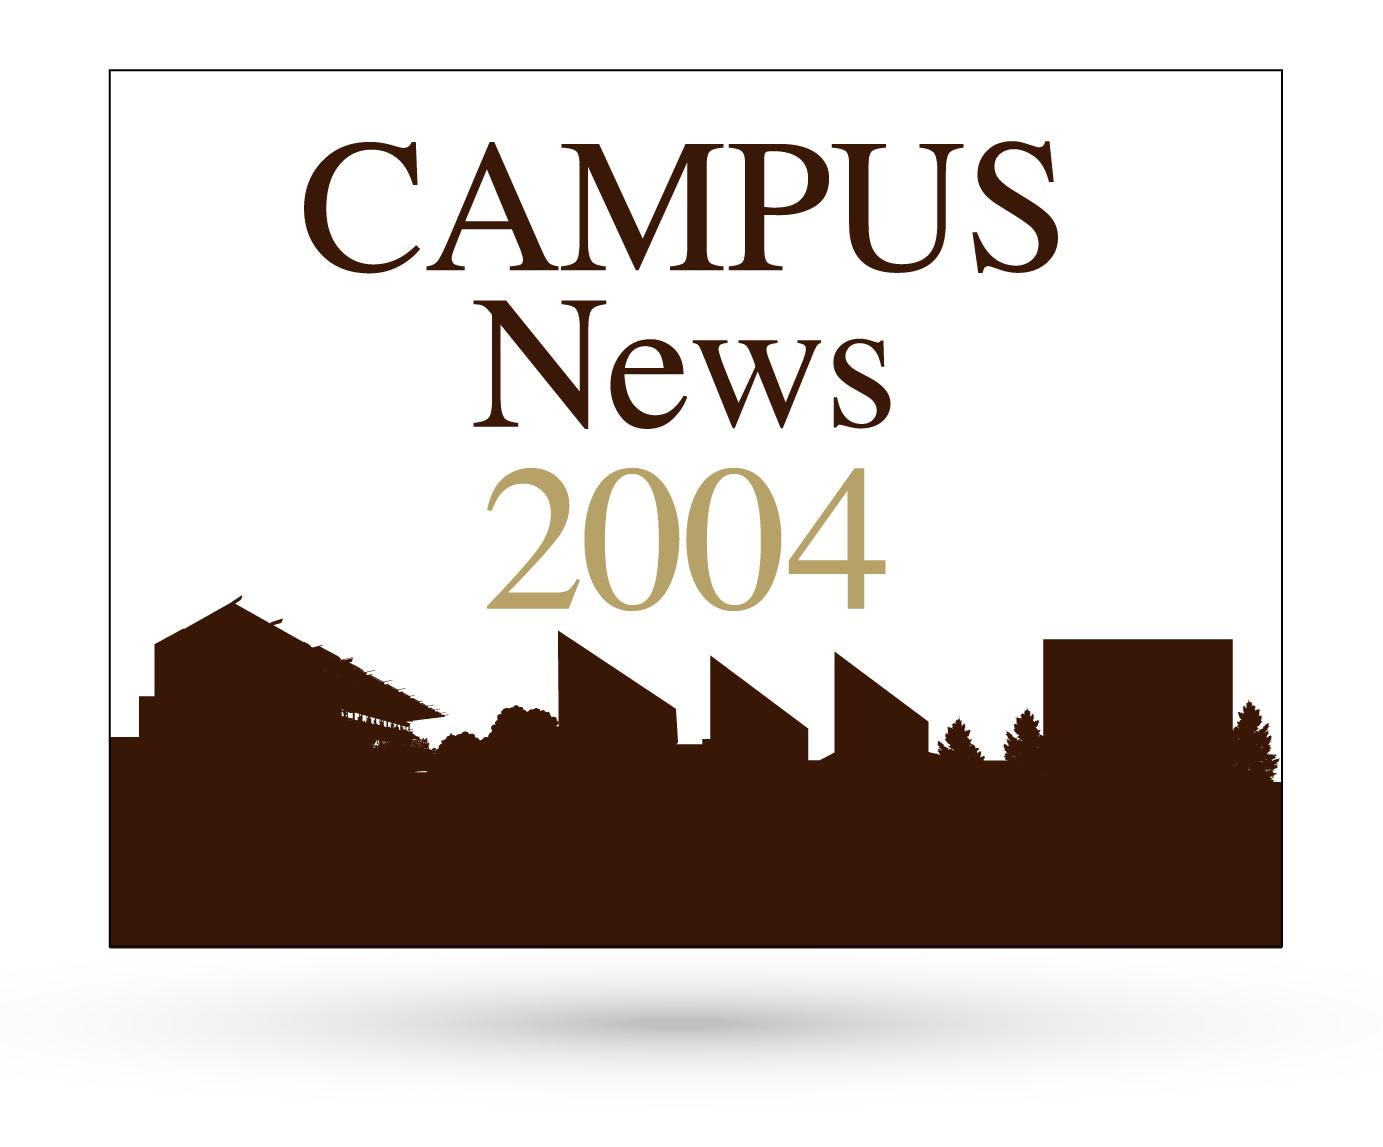 Campus News 2004